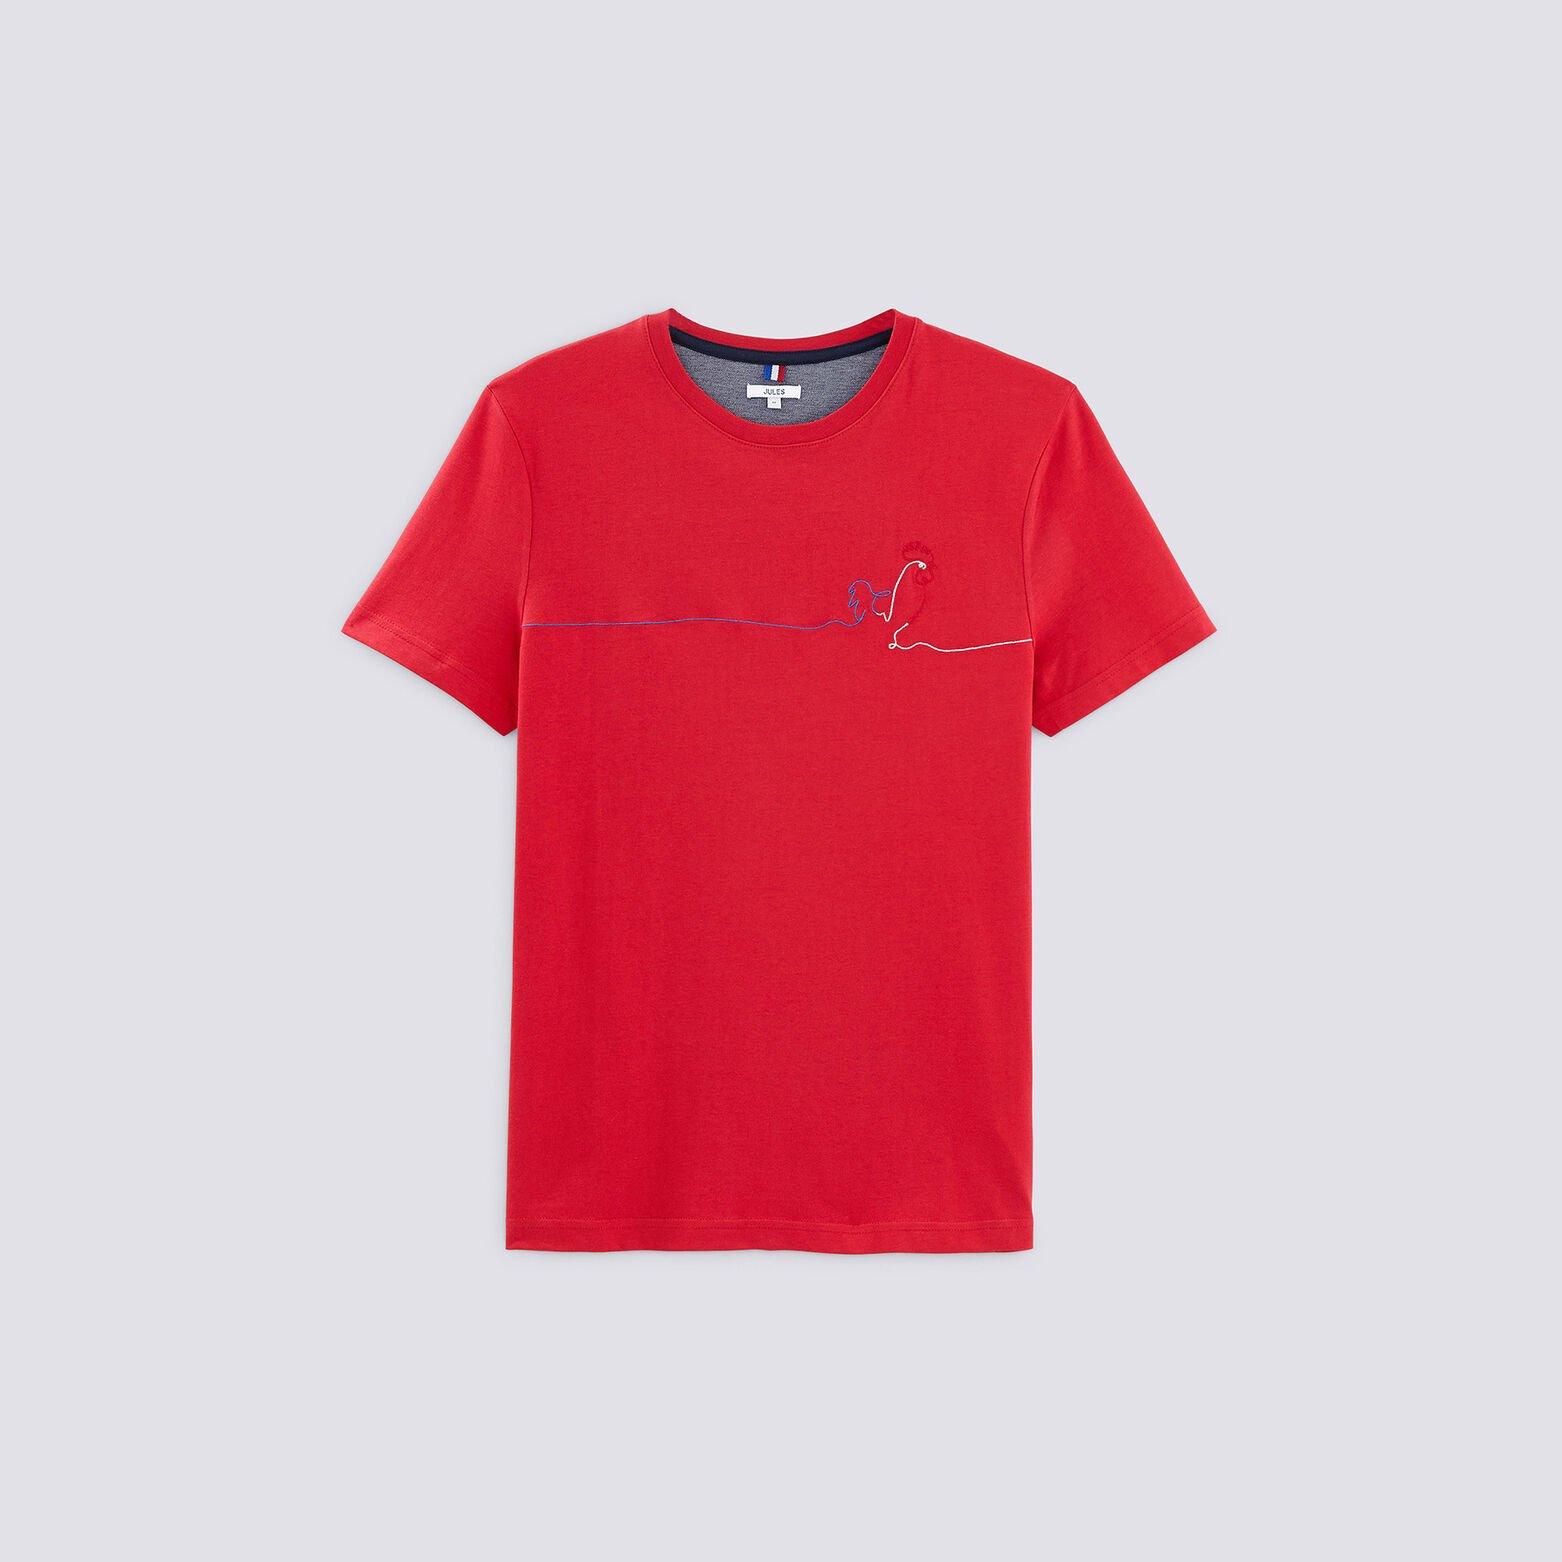 Tee shirt brodé coq